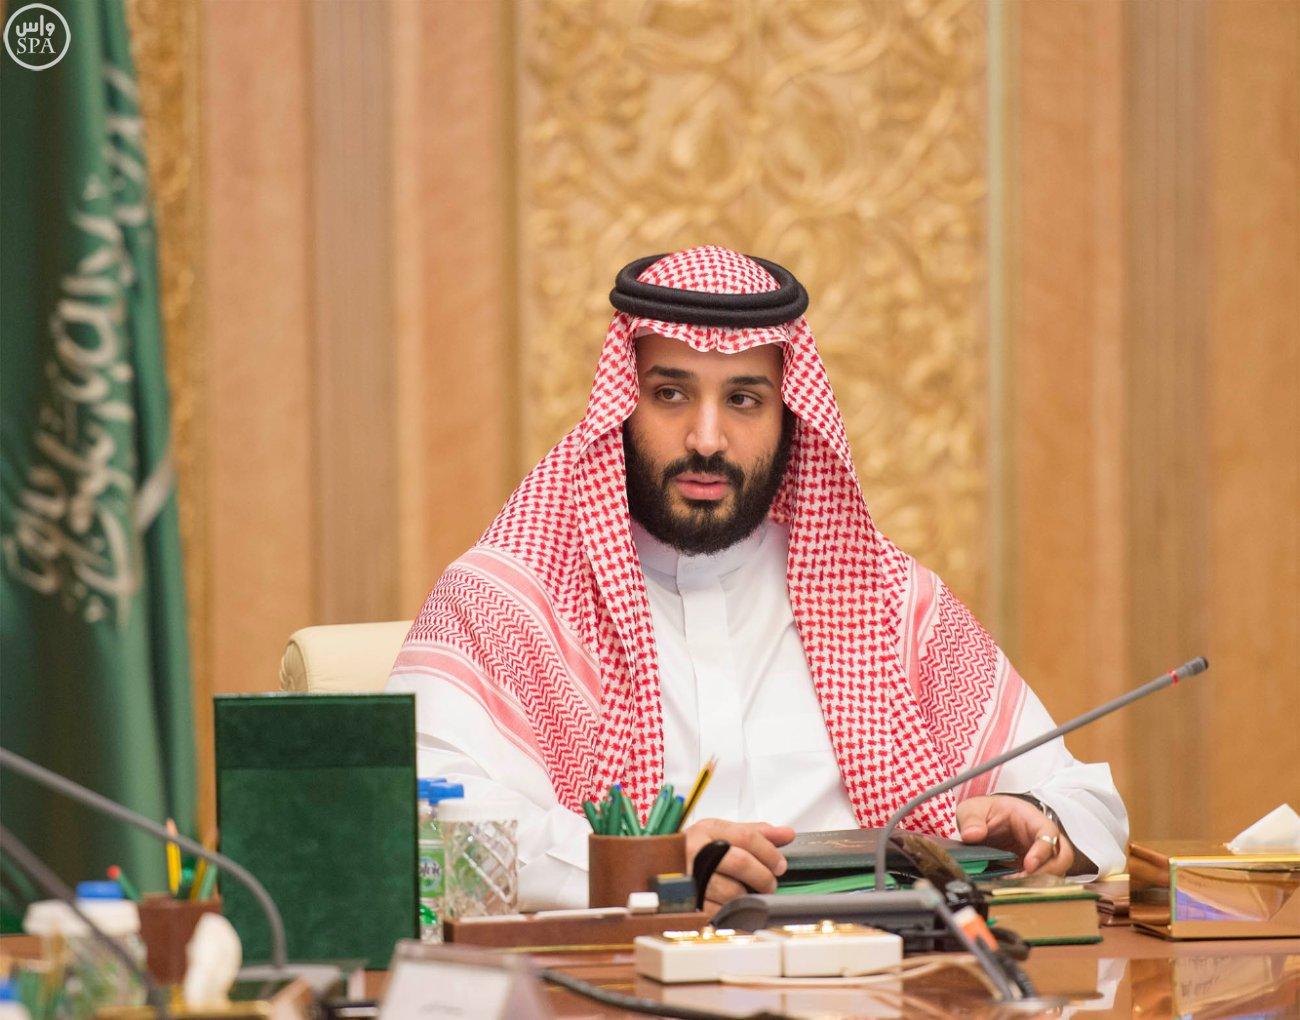 صاحب السمو الملكي الأمير محمد بن سلمان بن عبدالعزيز